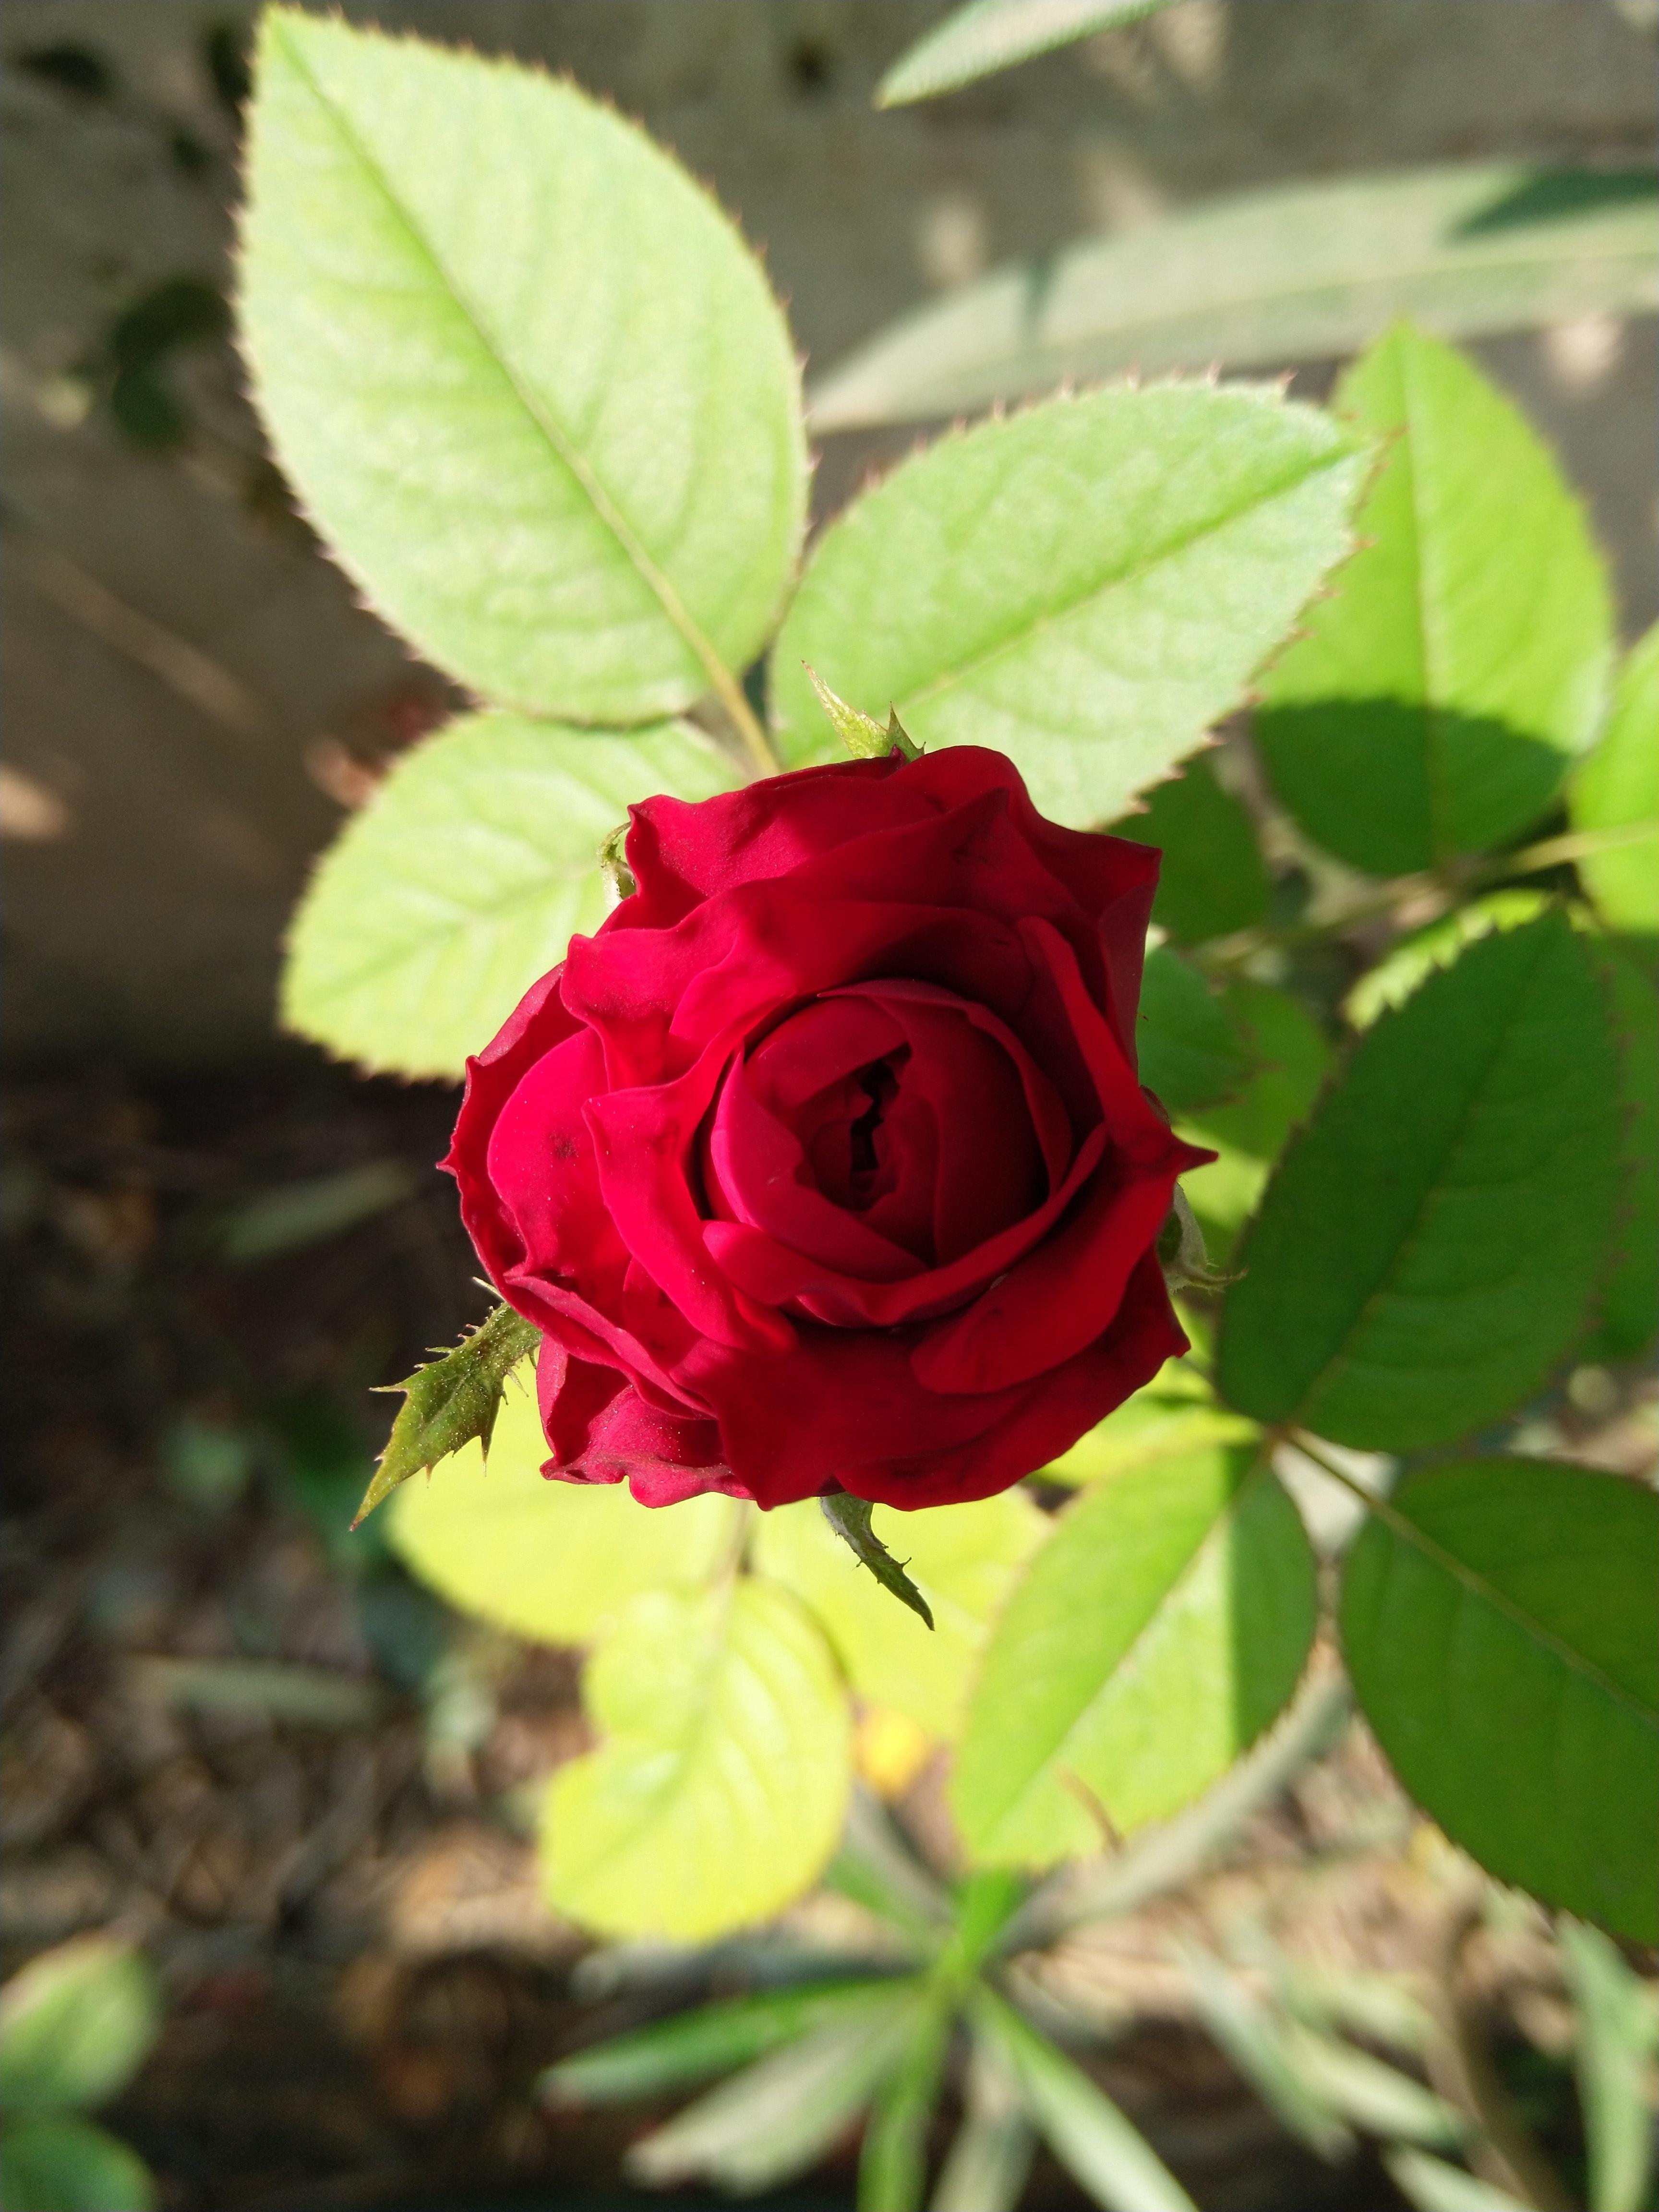 Foto Stok Gratis Tentang Bunga Bunga Indah Daun Bunga Mawar Mawar Merah